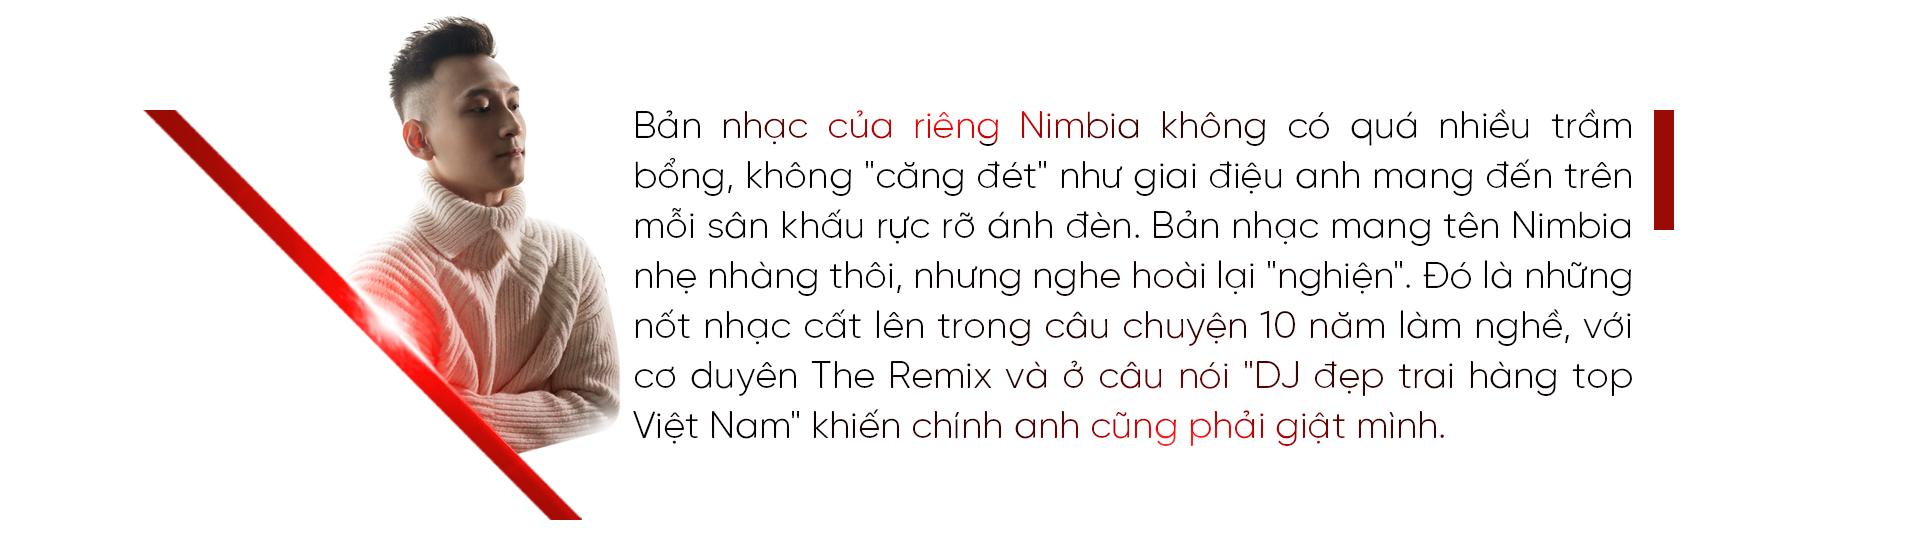 'Bản nhạc mang tên Nimbia' cất lên trong chuyện 10 năm làm nghề:Thế nào gọi là lâu?